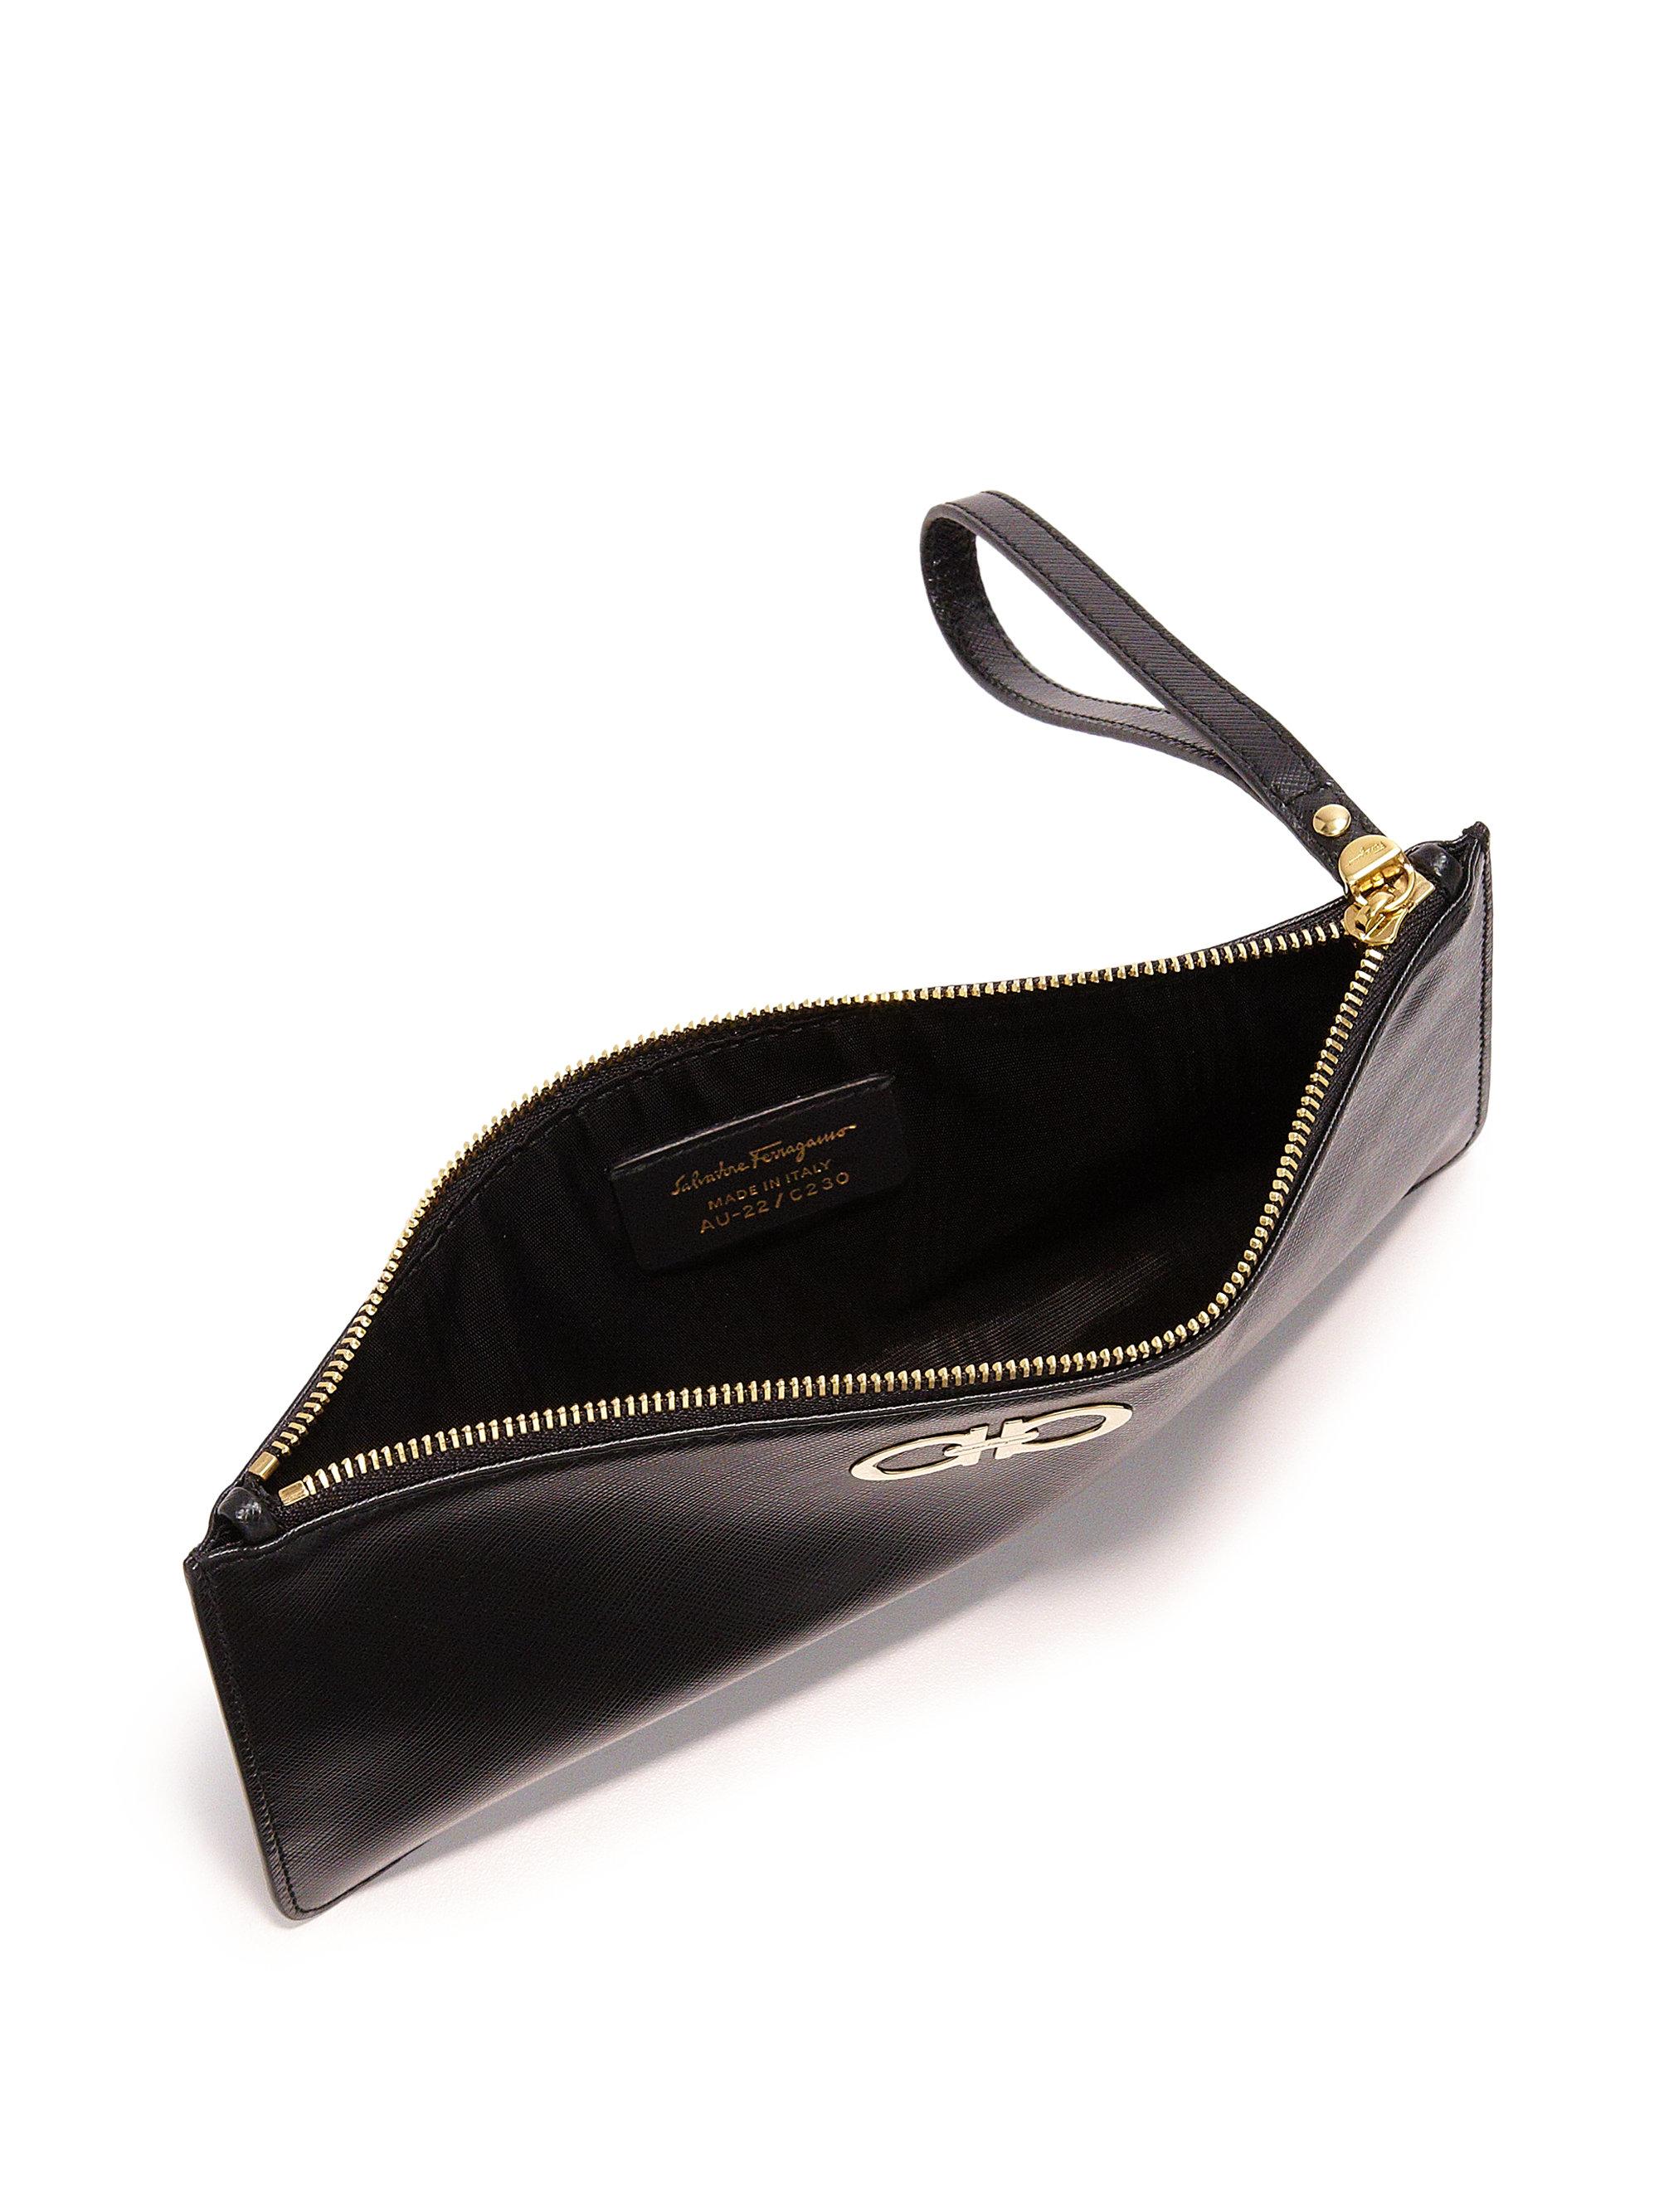 prada saffiano leather metallic pewter fold wallet